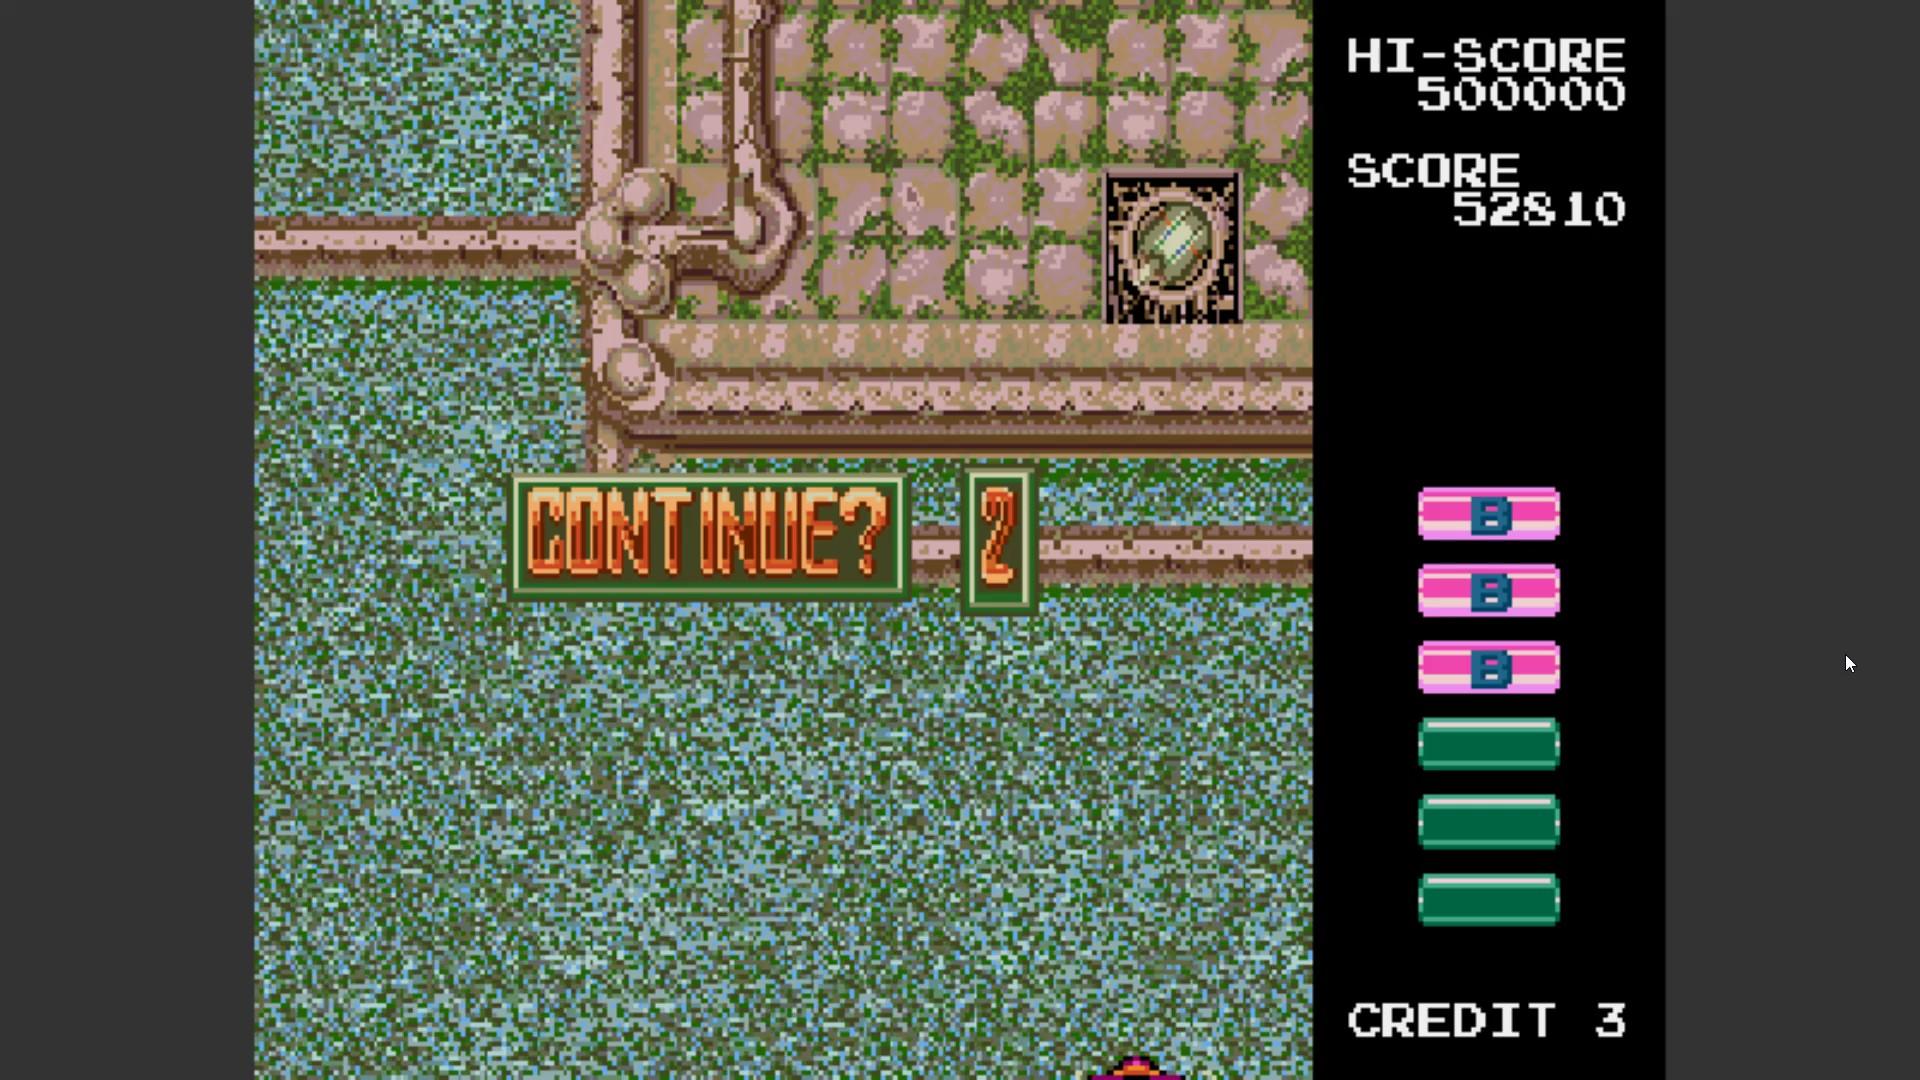 AkinNahtanoj: Grind Stormer [Very Hard] (Sega Genesis / MegaDrive Emulated) 52,810 points on 2020-10-31 04:49:25